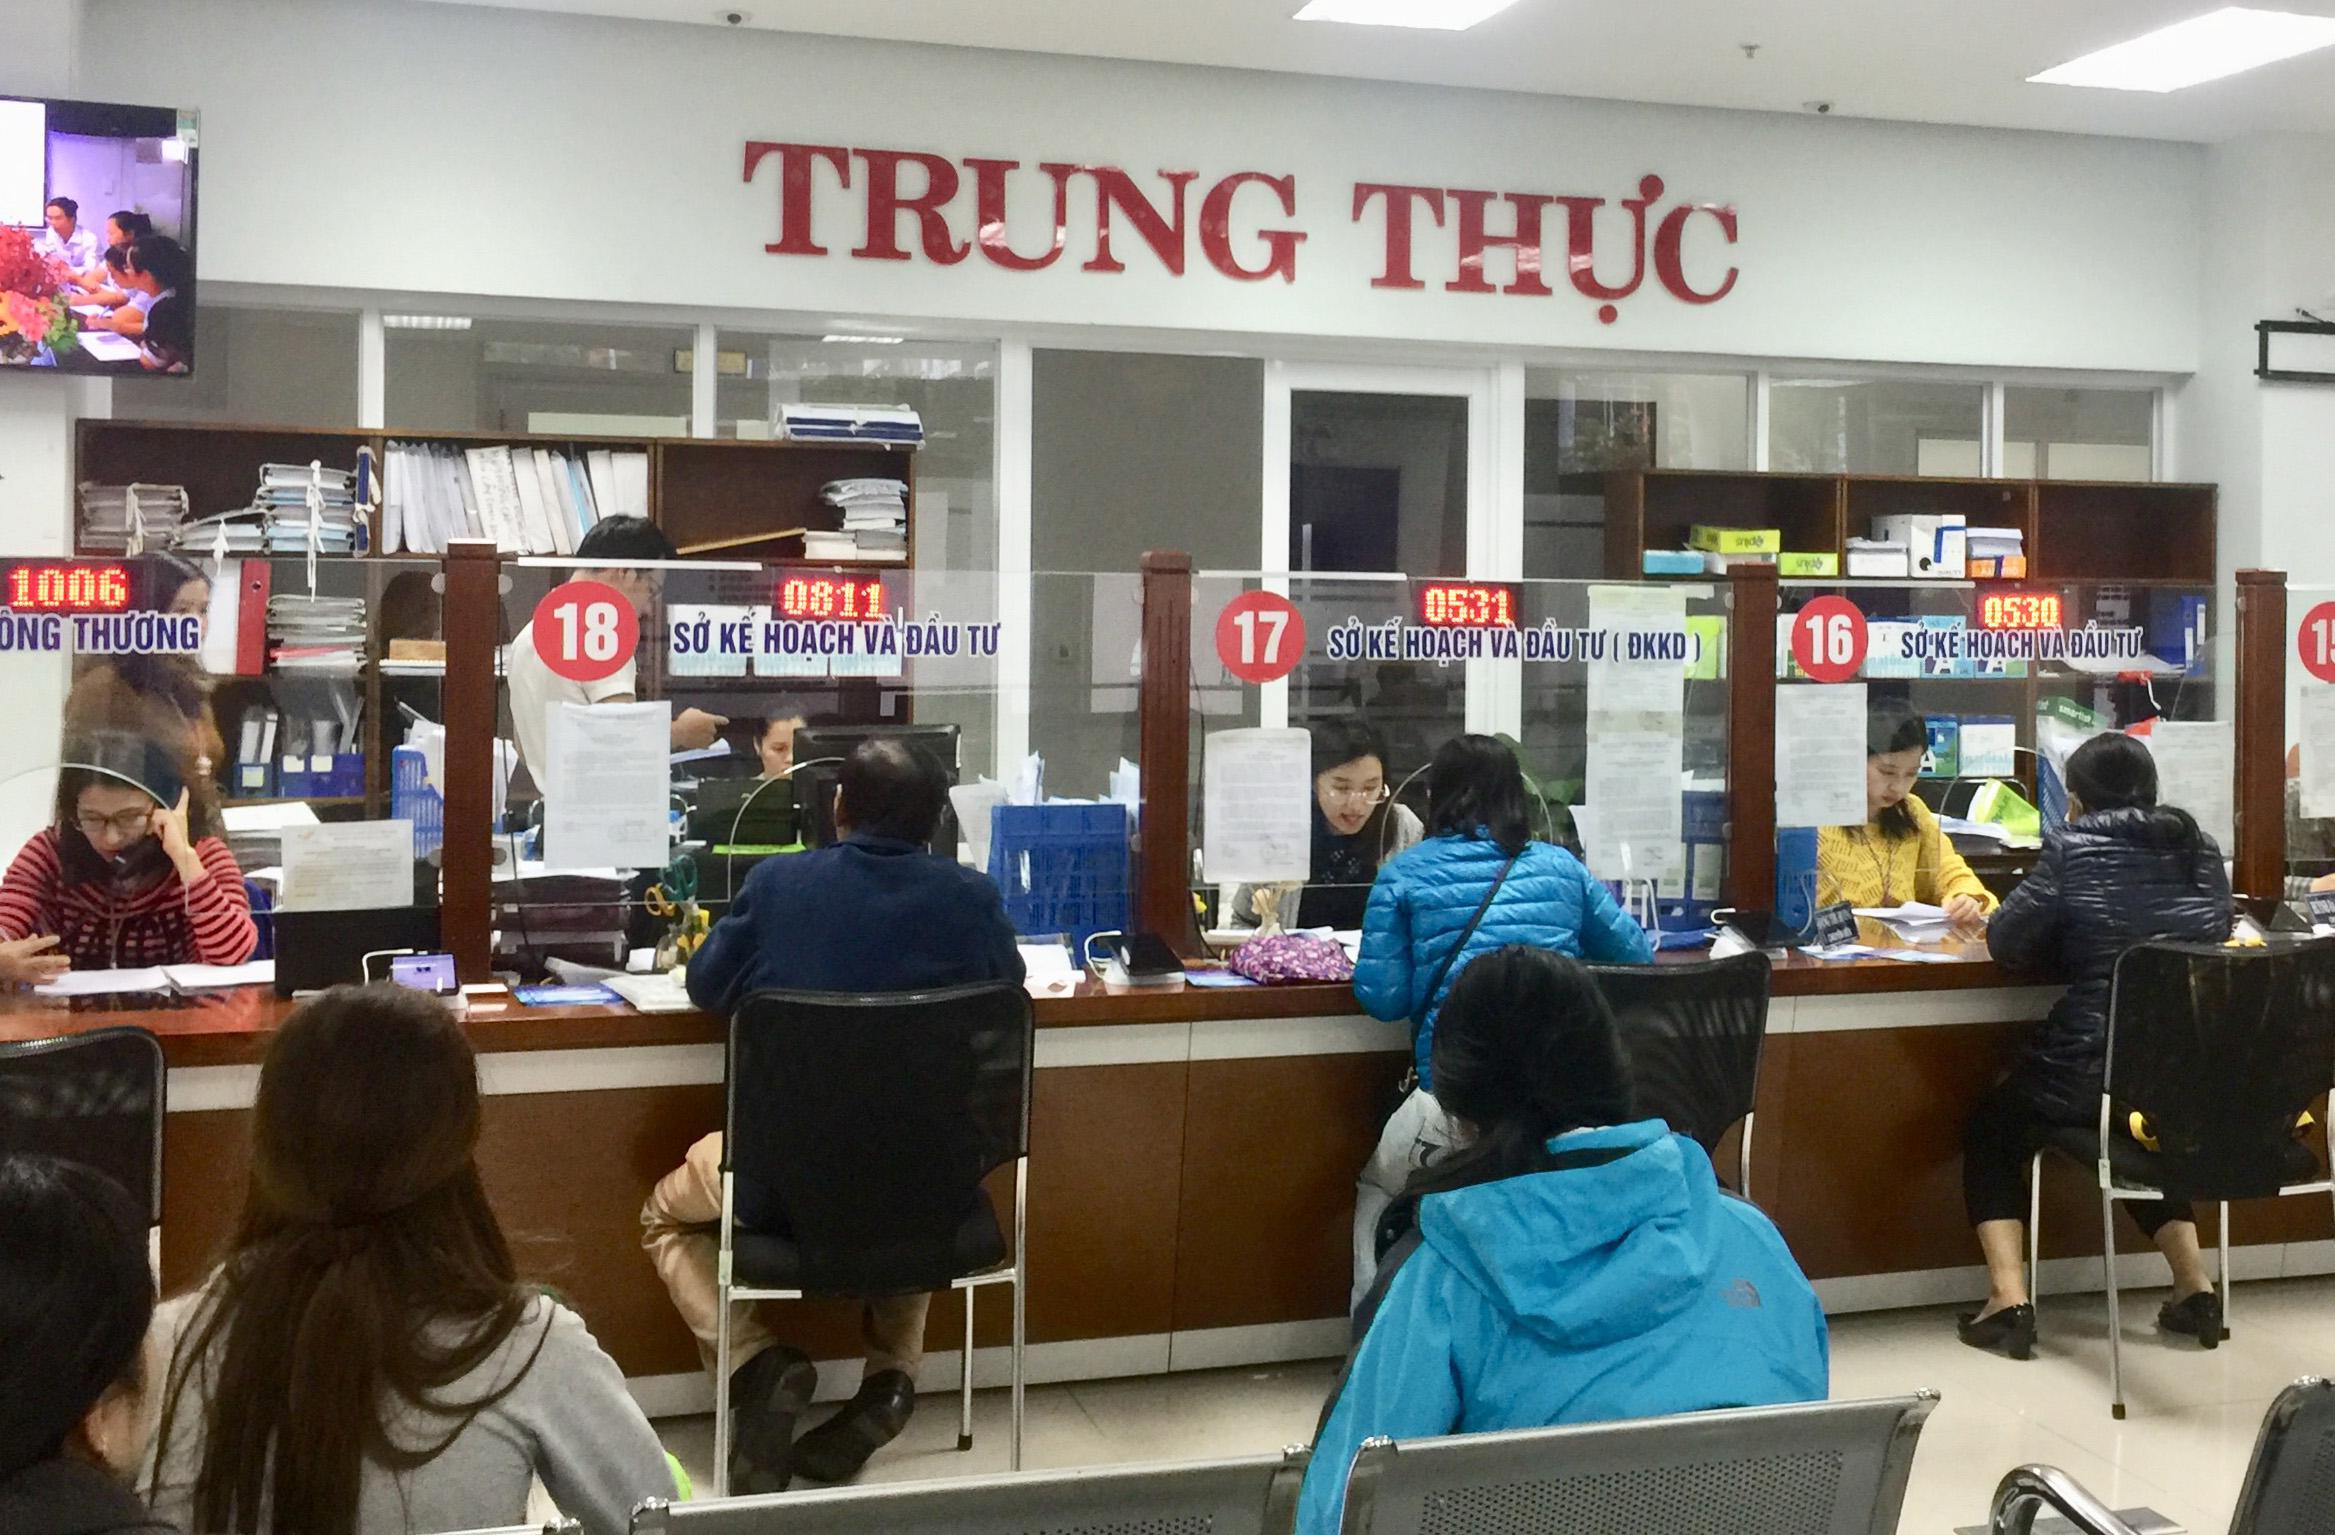 Chính phủ mở: Triển vọng và tác động đến quản trị nhà nước ở Việt Nam